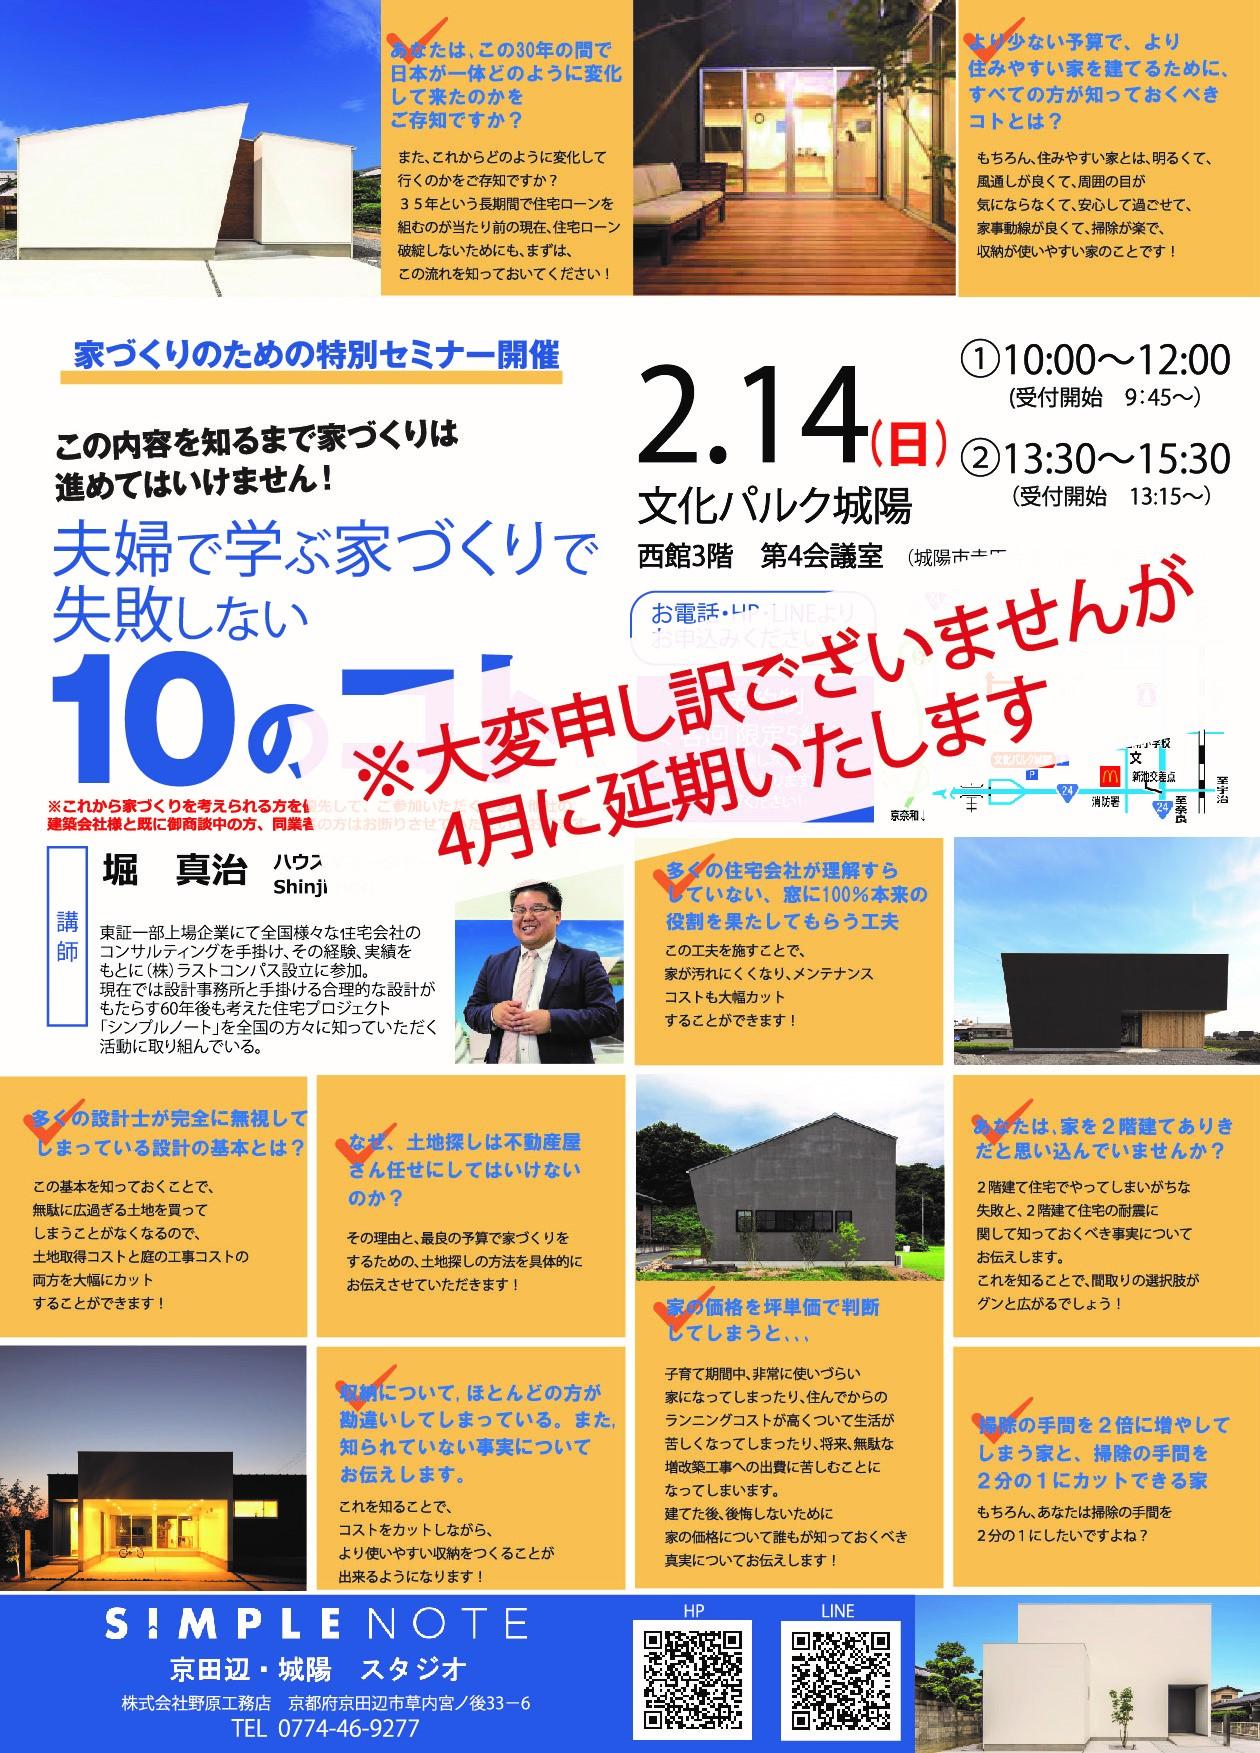 ※延期します※【2/14(日) 開催】家づくり特別セミナー@文化パルク城陽